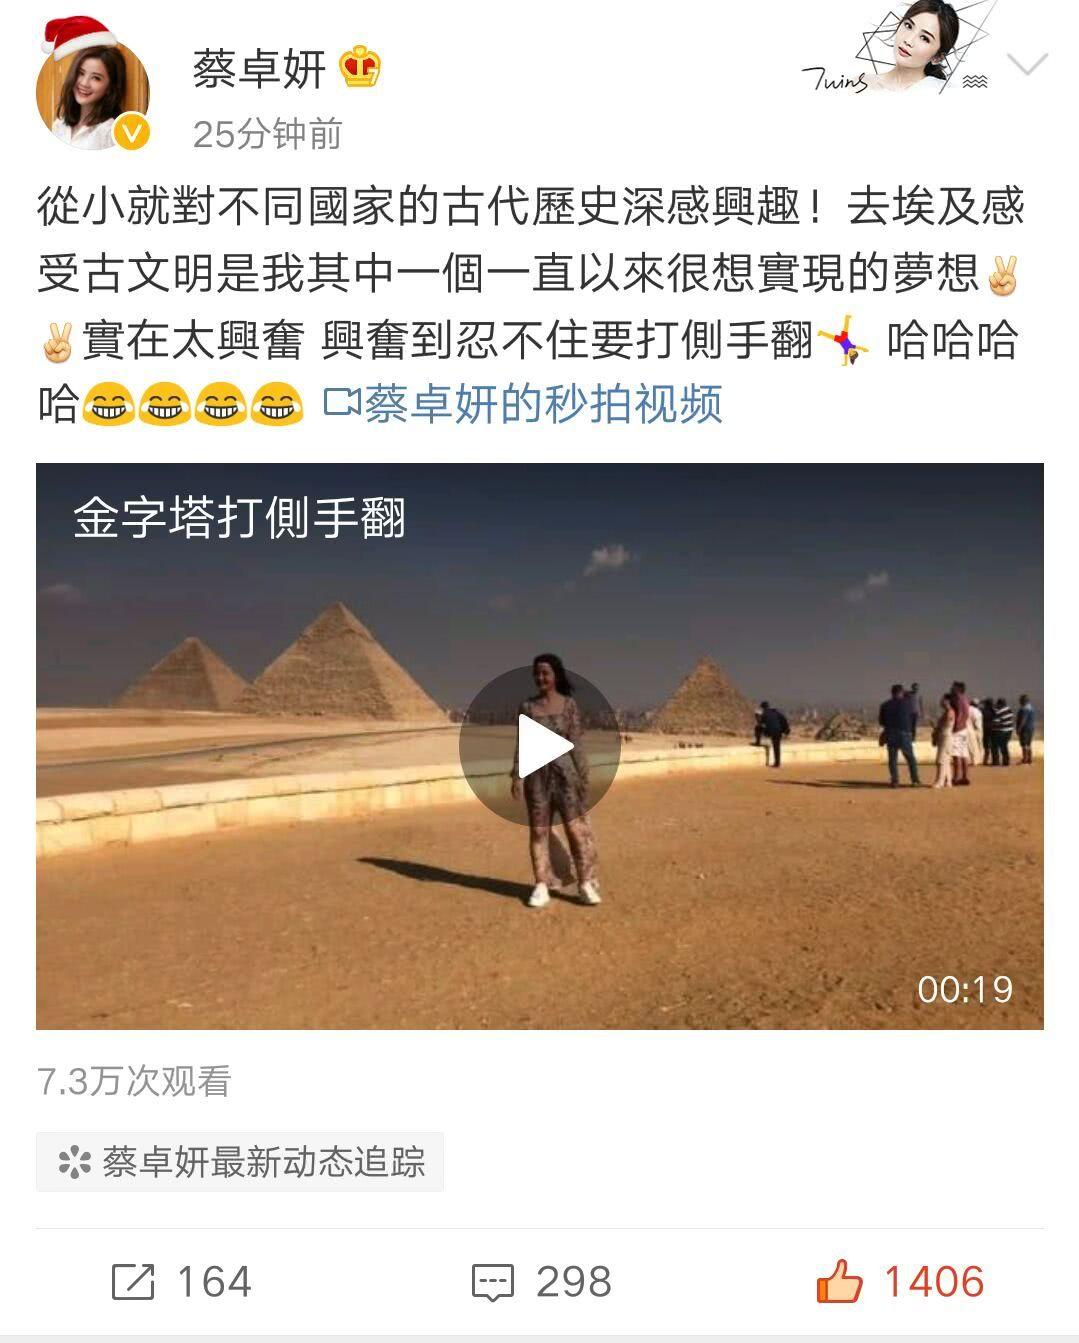 蔡卓妍去到埃及金字塔时太兴奋忍不住打侧手翻,大长腿完美被展现